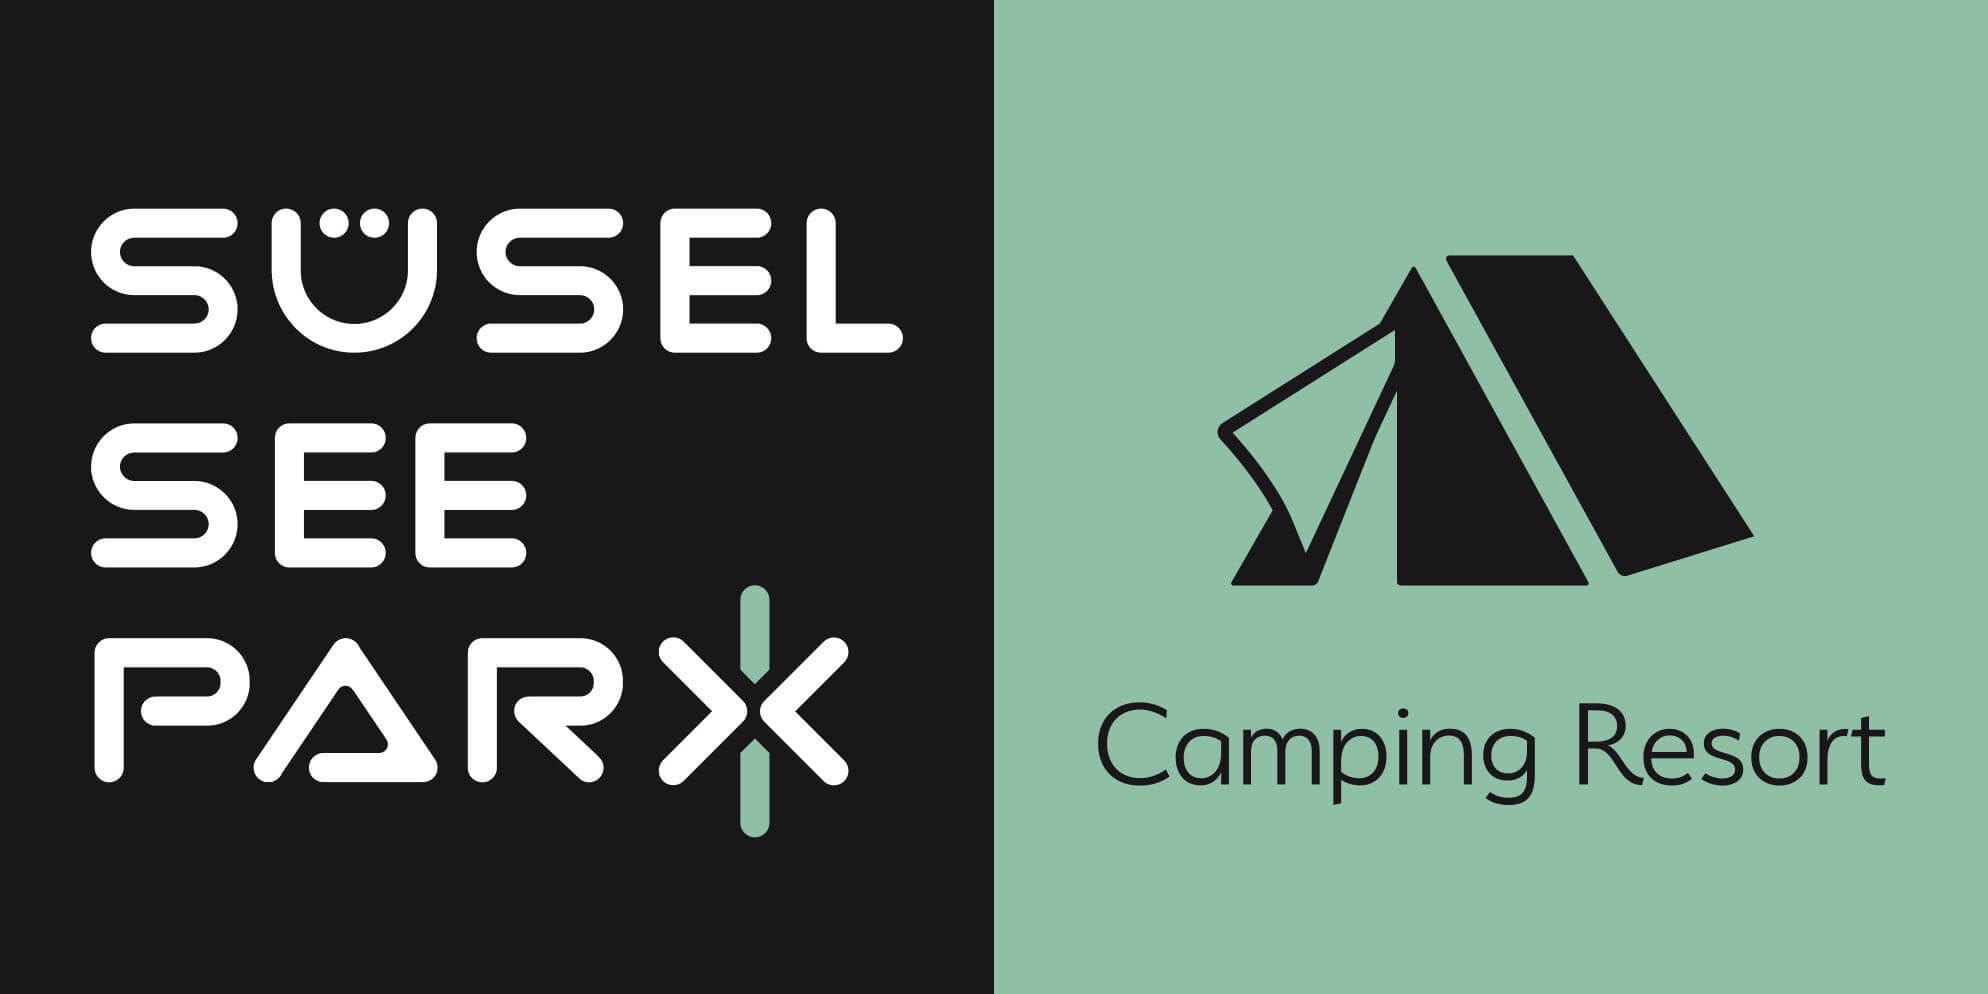 Camping Resort ist ab dem 17.Mai wieder geöffnet!